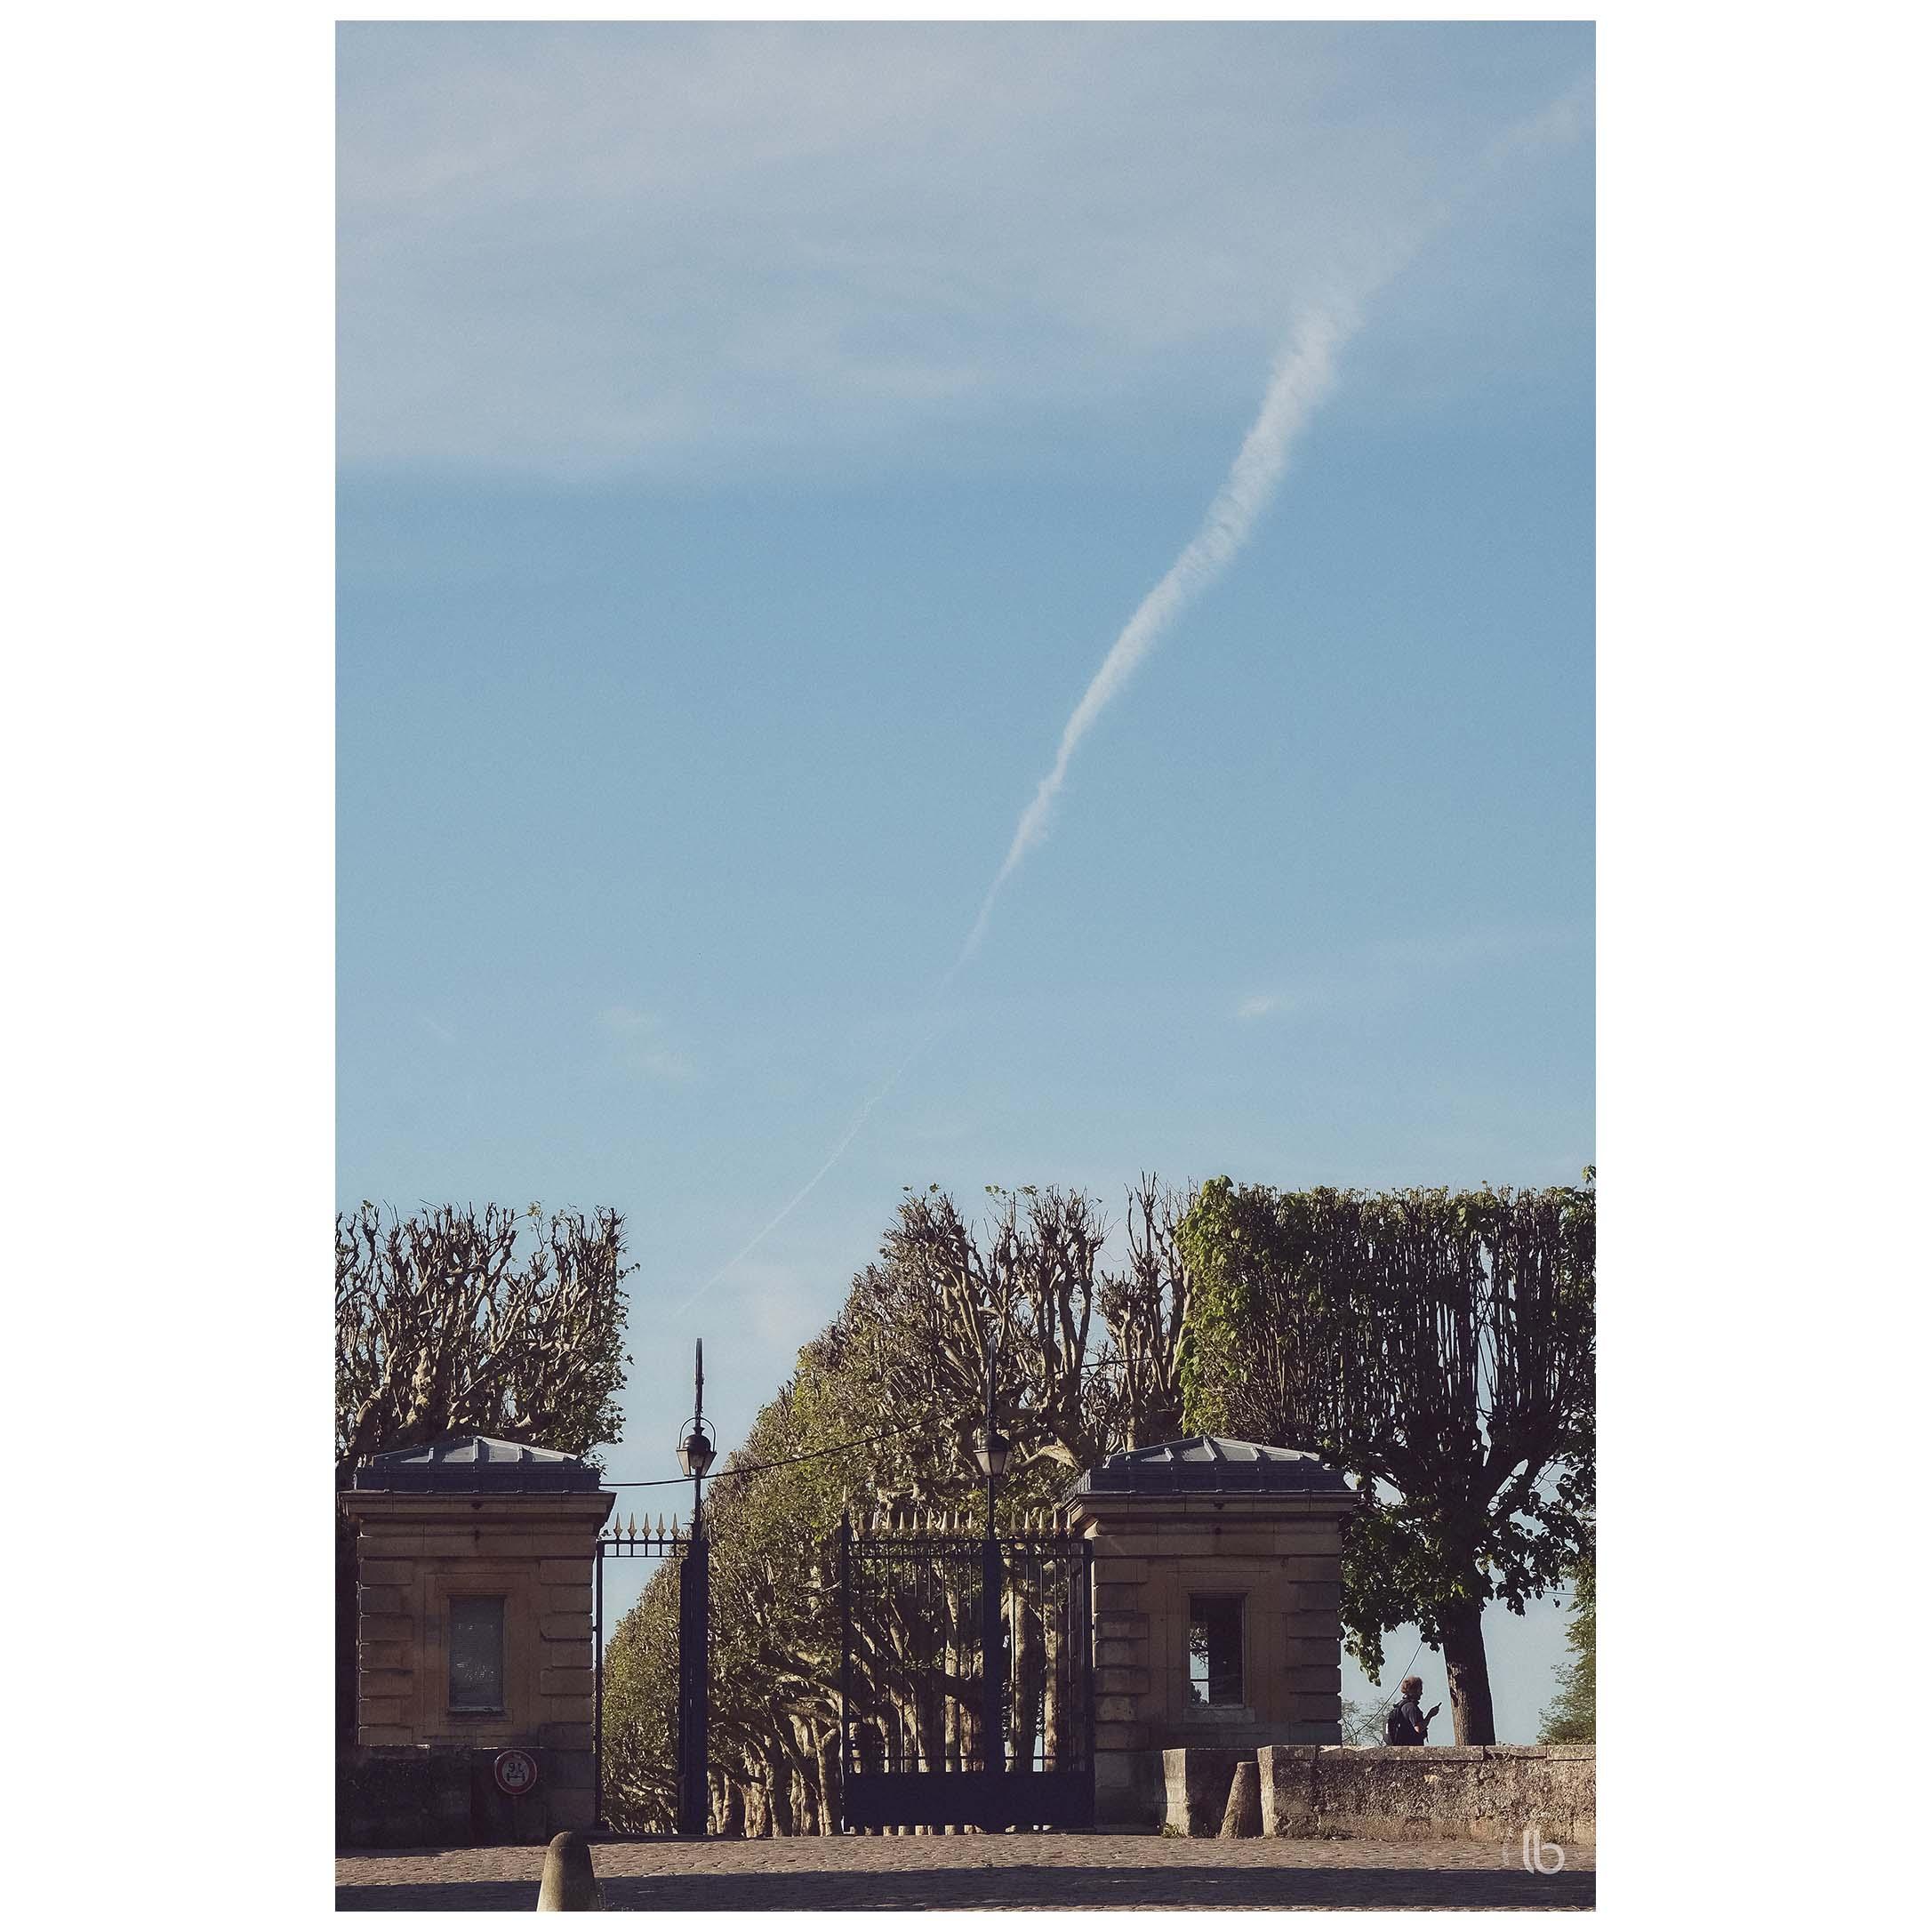 Alignements - Terrasse de l'Observatoire de Meudon - 20190426 - by laurence bichon photographe meudon